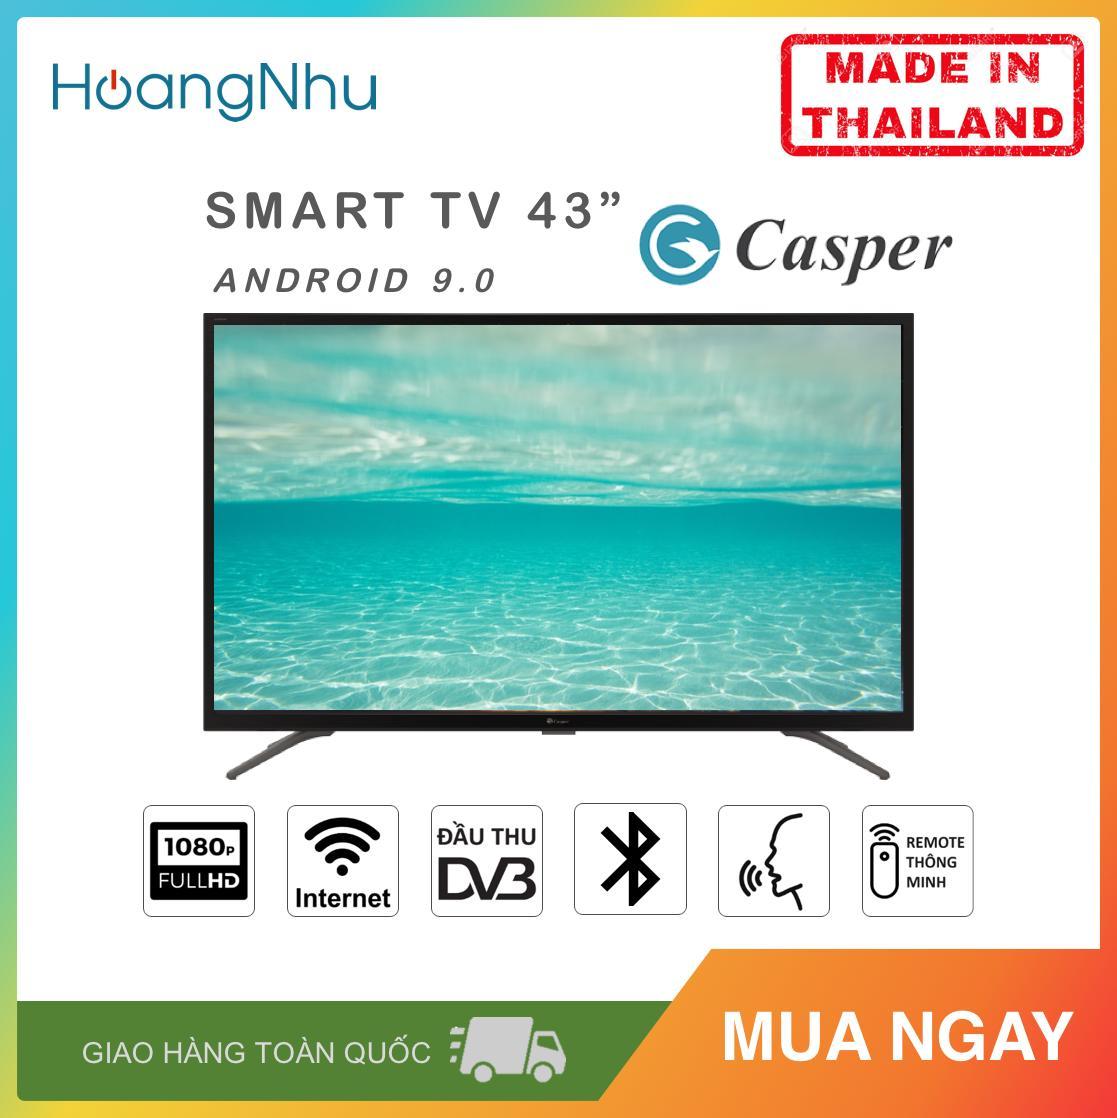 Bảng giá Smart Voice Tivi Casper 43 inch Kết nối Internet Wifi 43FG5000 (Full HD, Android 9.0, Điều khiển giọng nói, Bluetooth, Truyền hình KTS, màu đen) - Hàng Thái Lan - Bảo hành toàn quốc 2 năm Điện máy Pico